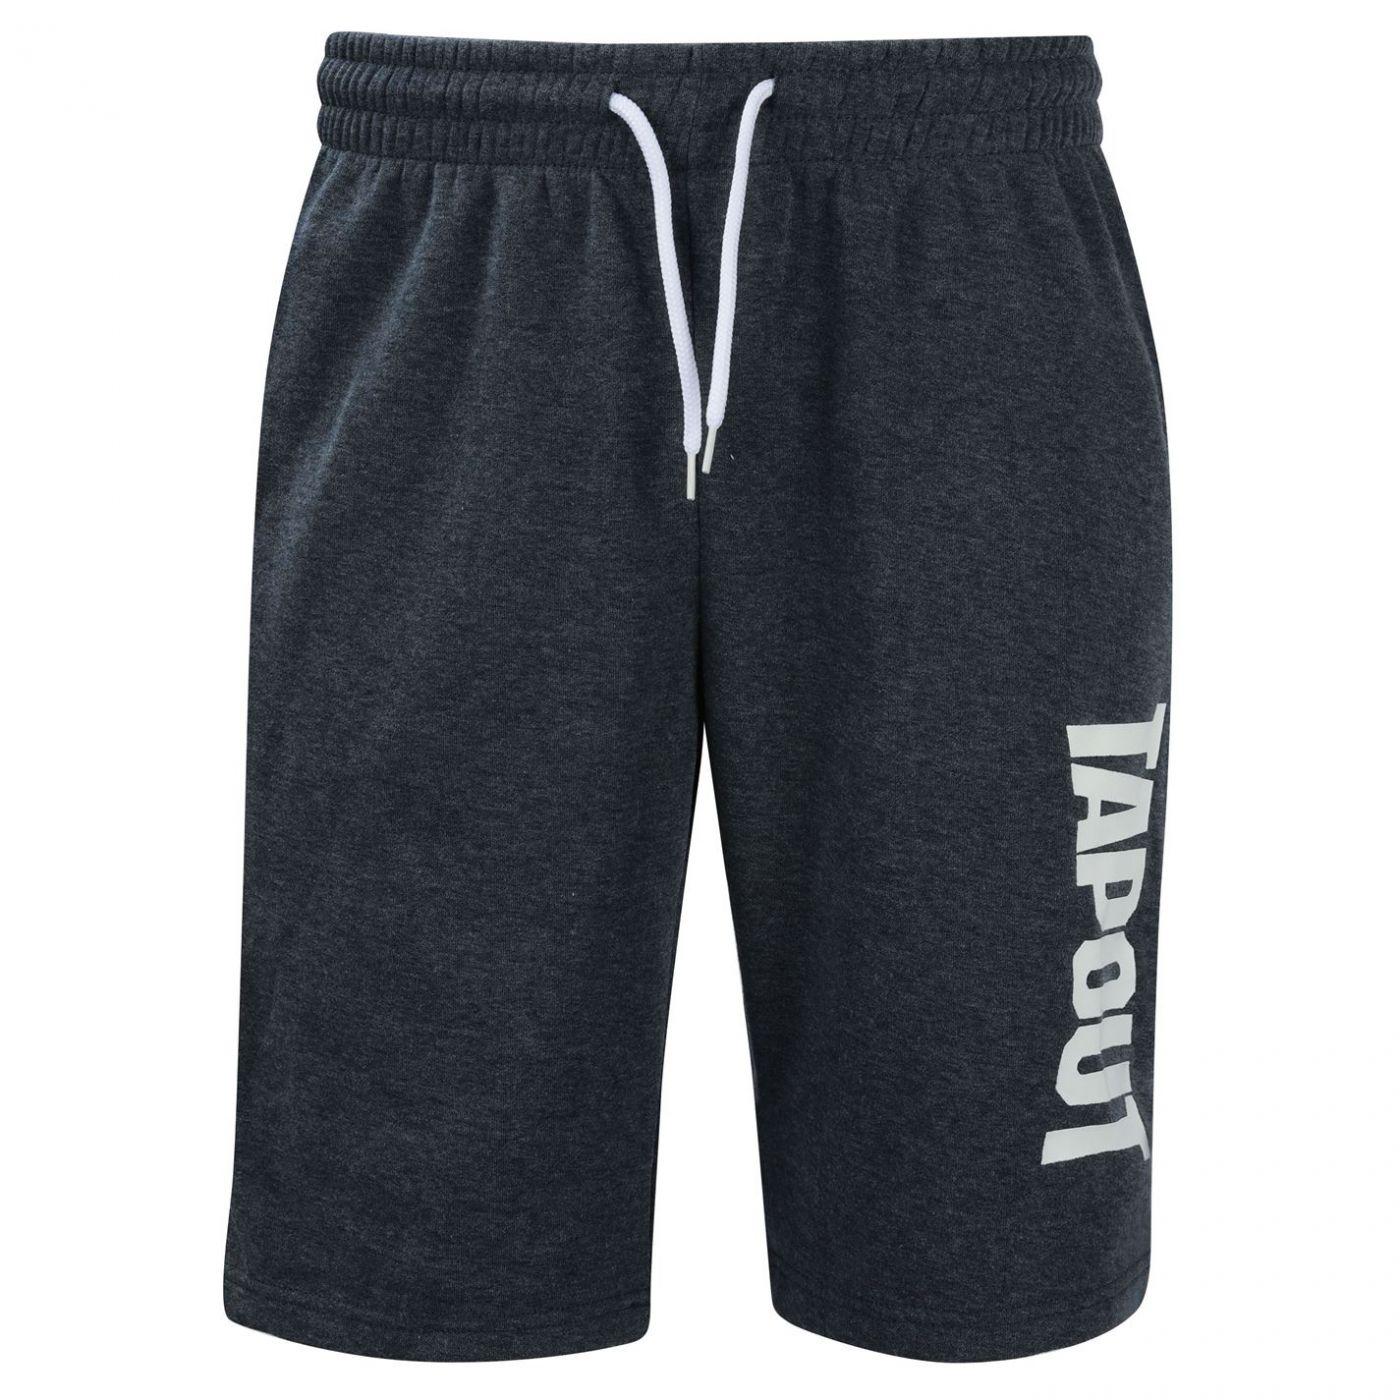 Tapout Fleece Shorts Mens